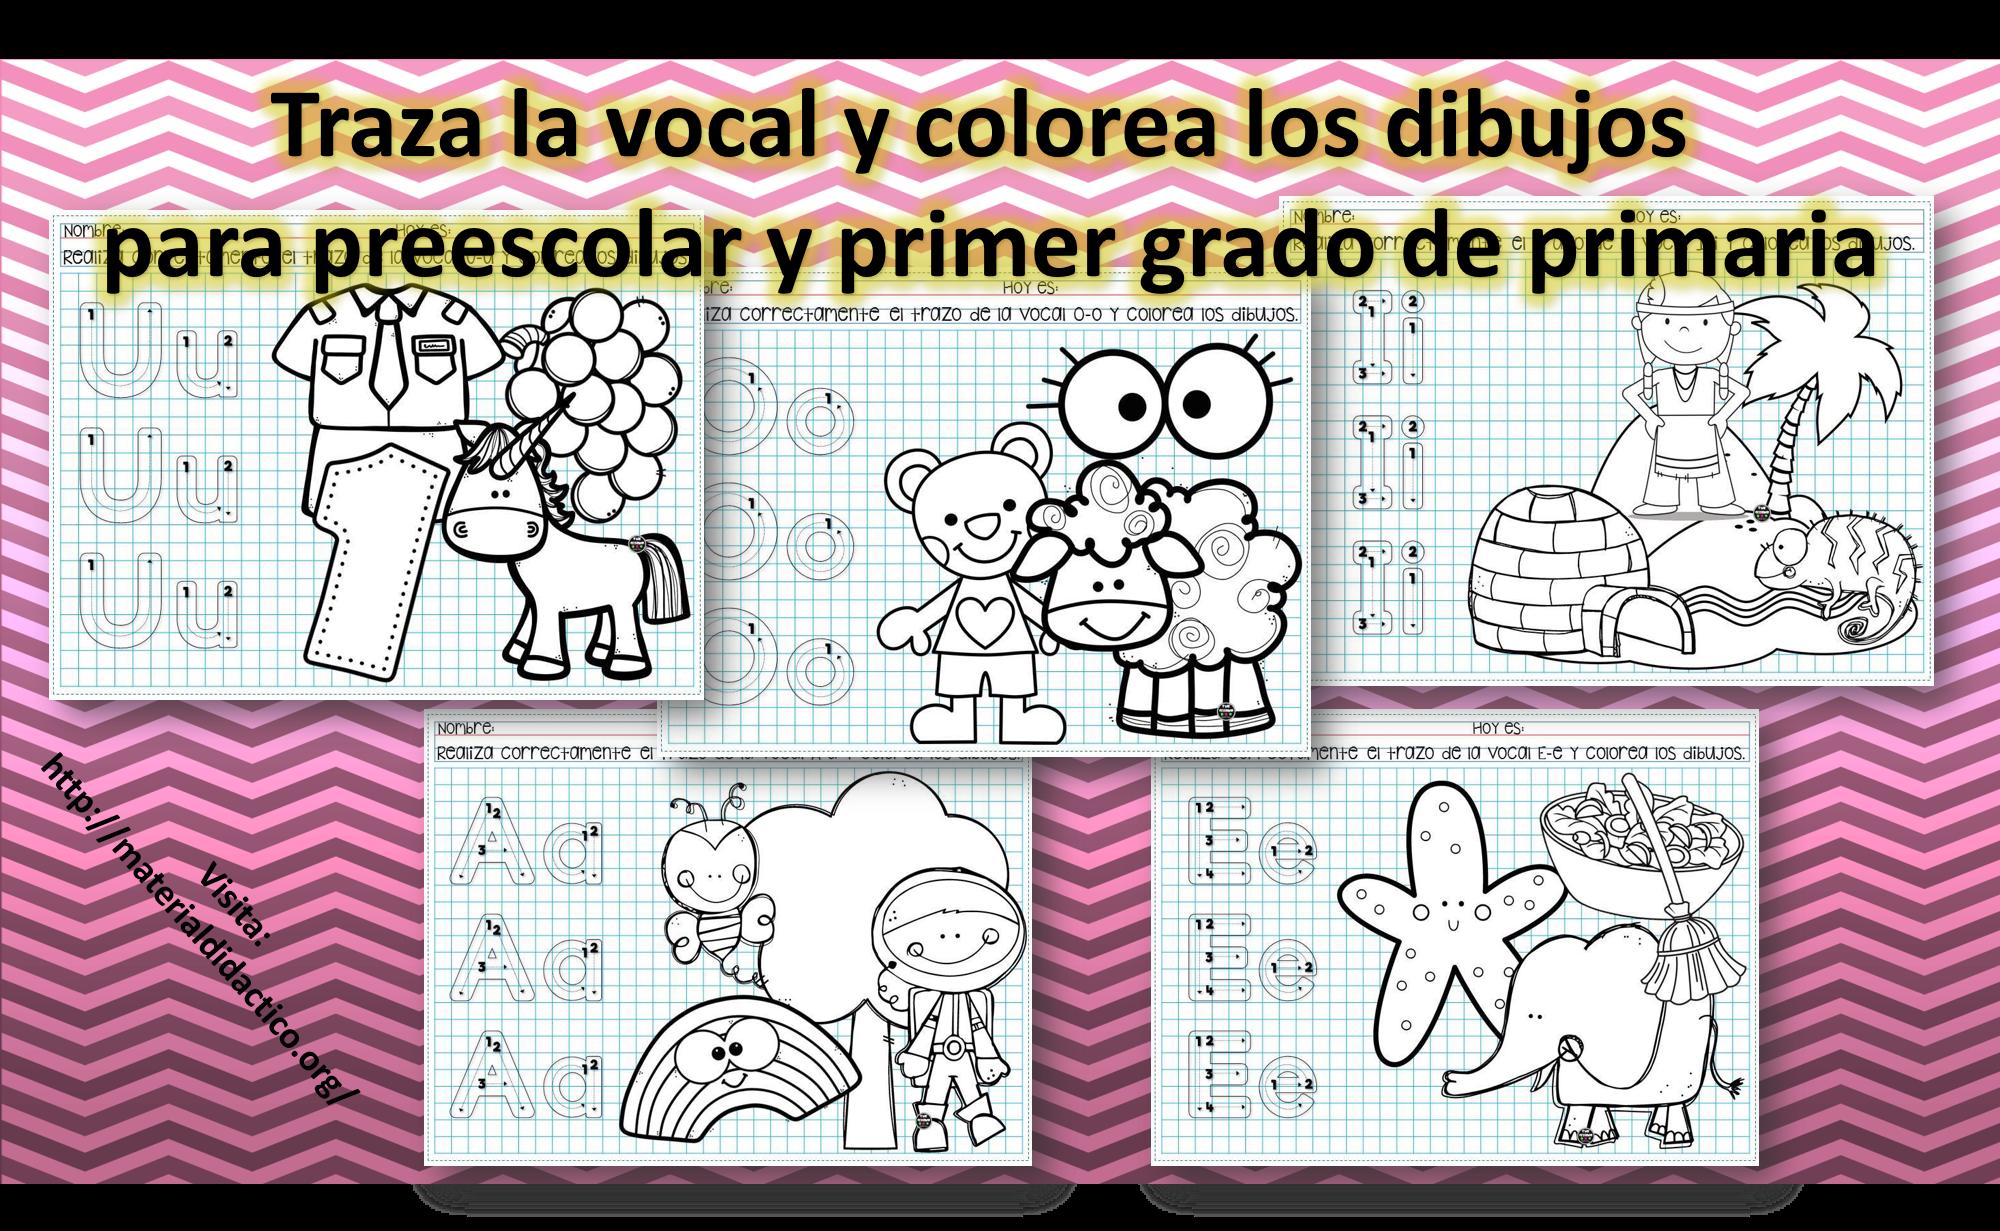 Traza La Vocal Y Colorea Los Dibujos Para Preescolar Y